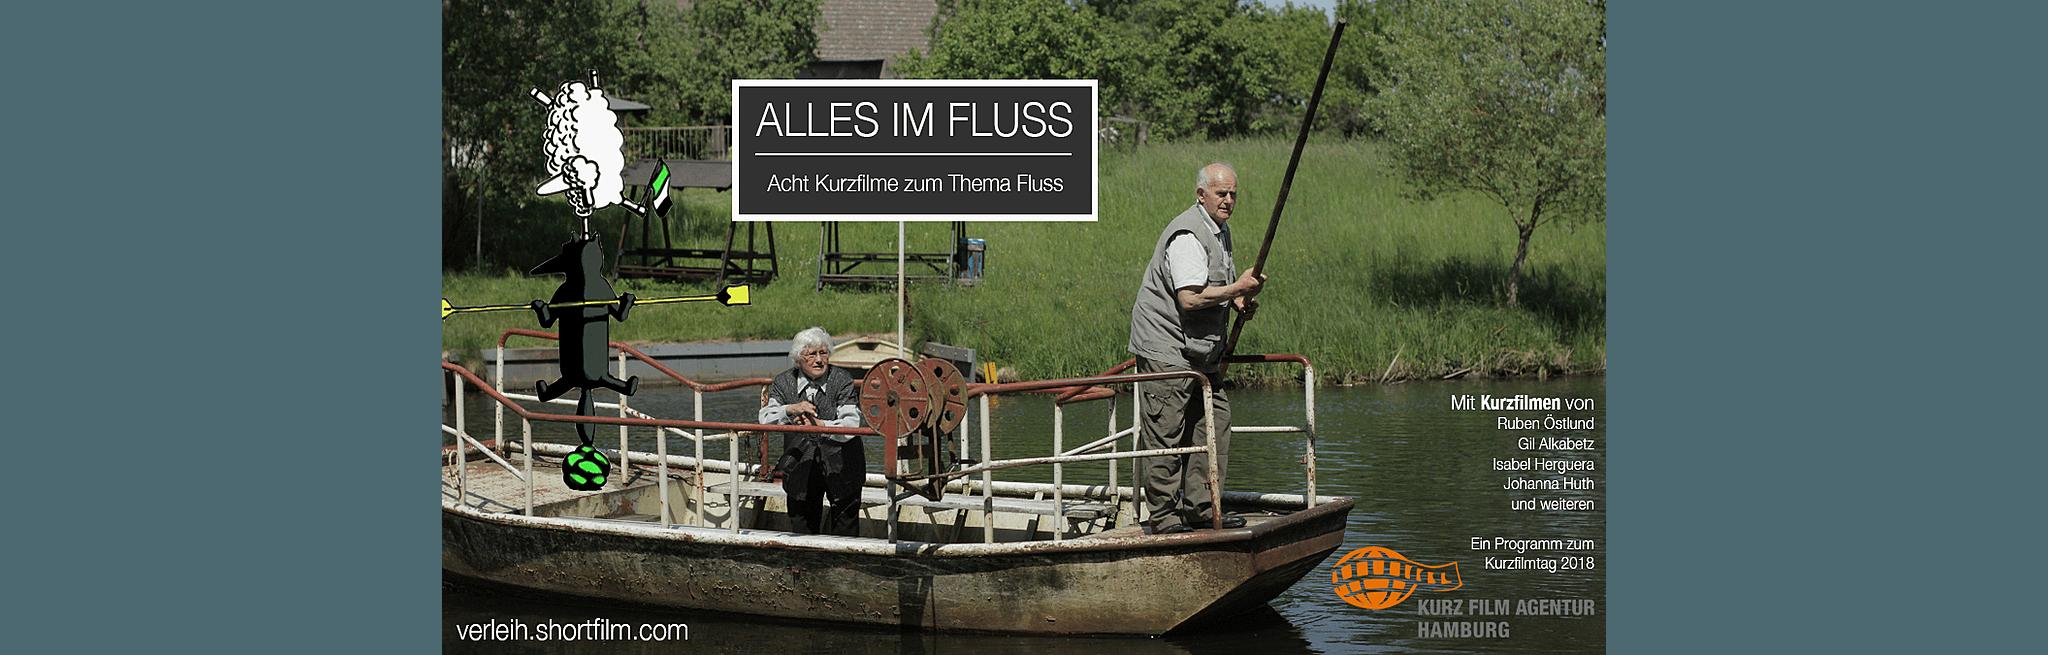 """Filmplakat für """"Alles im Fluss (Der Kurzfilmtag 2018)"""""""